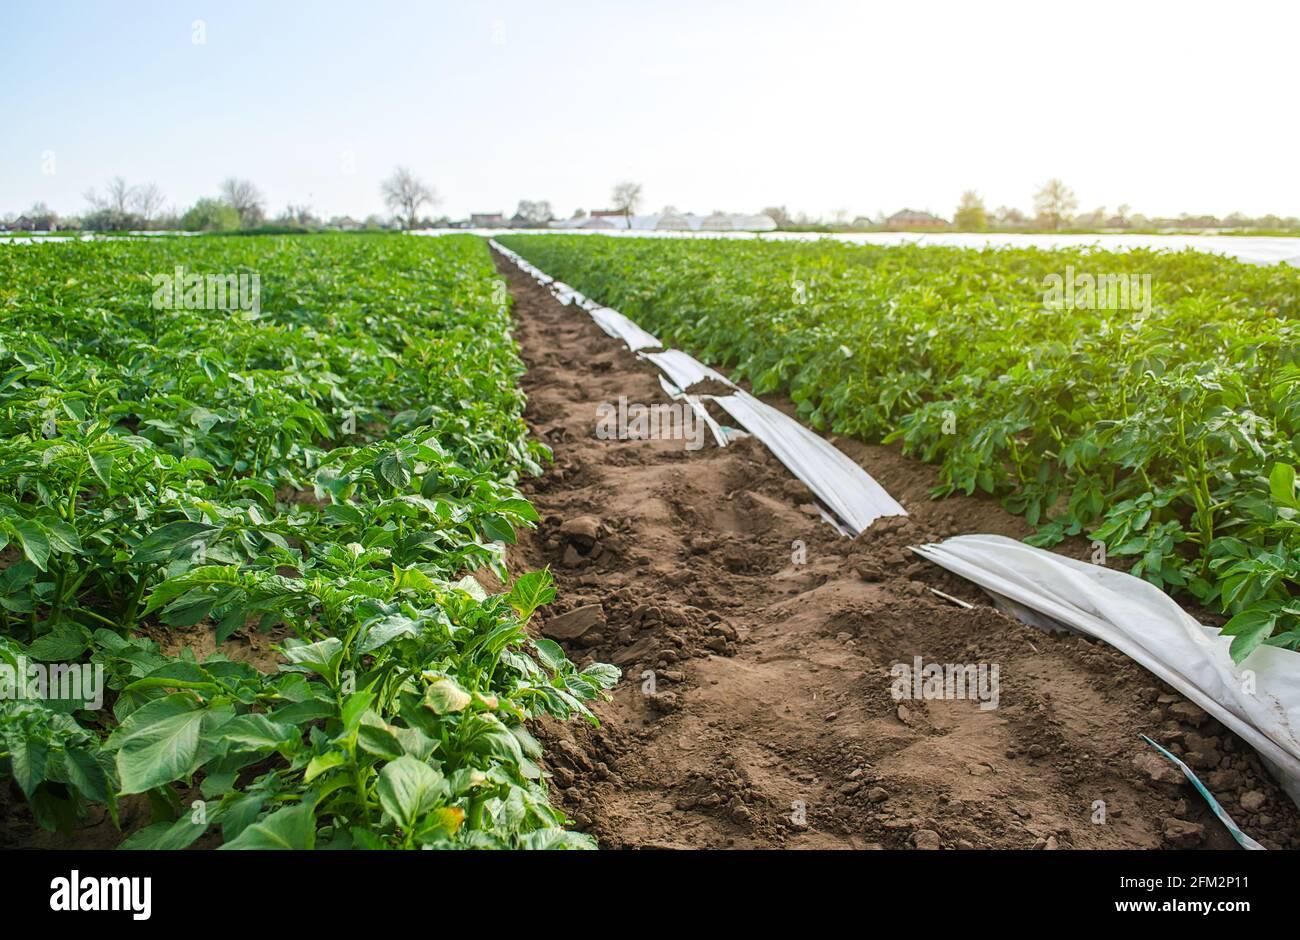 Variedad Riviera arbustos de papa en campo de plantación. Cultivo de verduras de alimentos. Olericultura. Agricultura agrícola en terreno abierto. Agroindustria. Soporte para Foto de stock